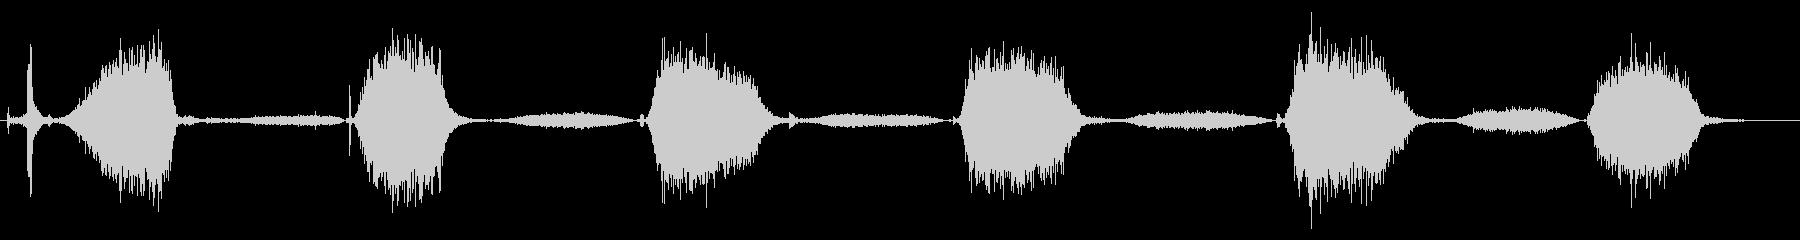 口でラバーバルーンを爆破:ミディア...の未再生の波形